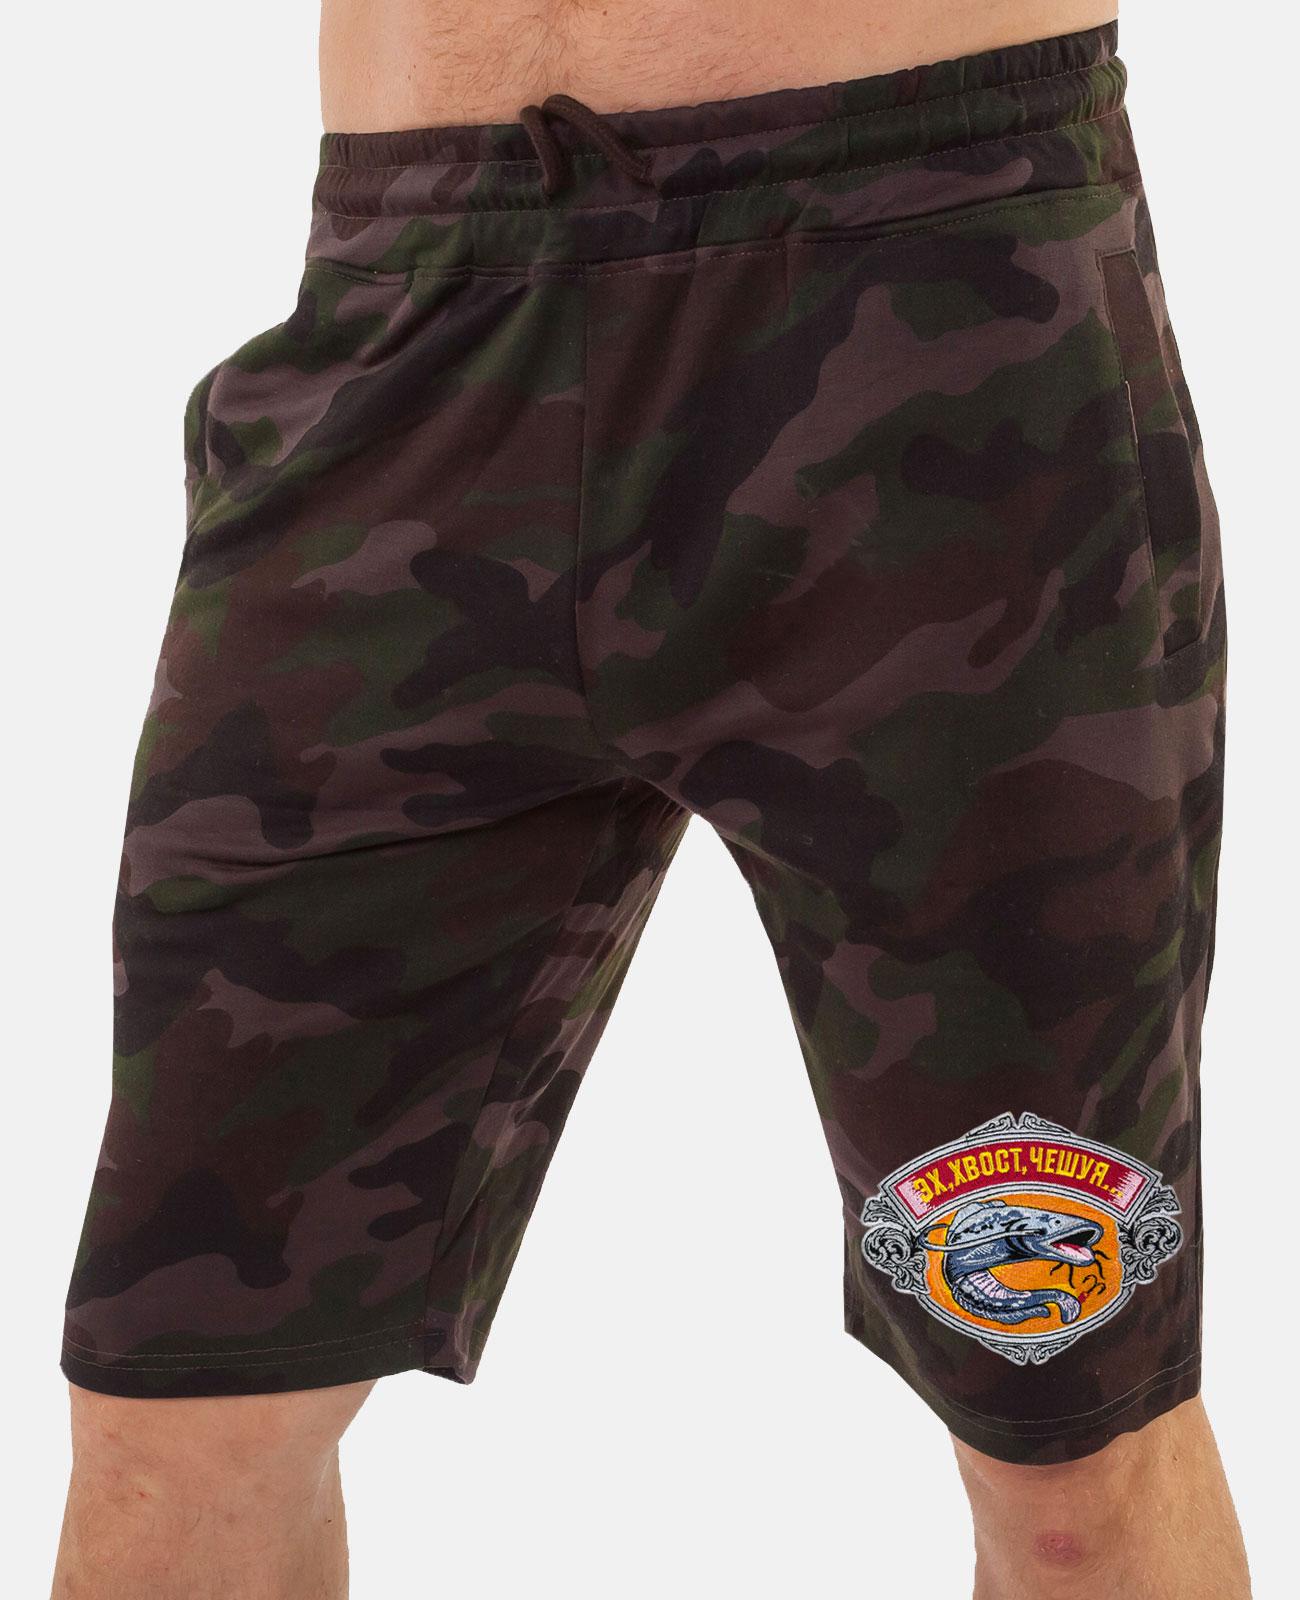 Камуфляжные мужские шорты рыбака.